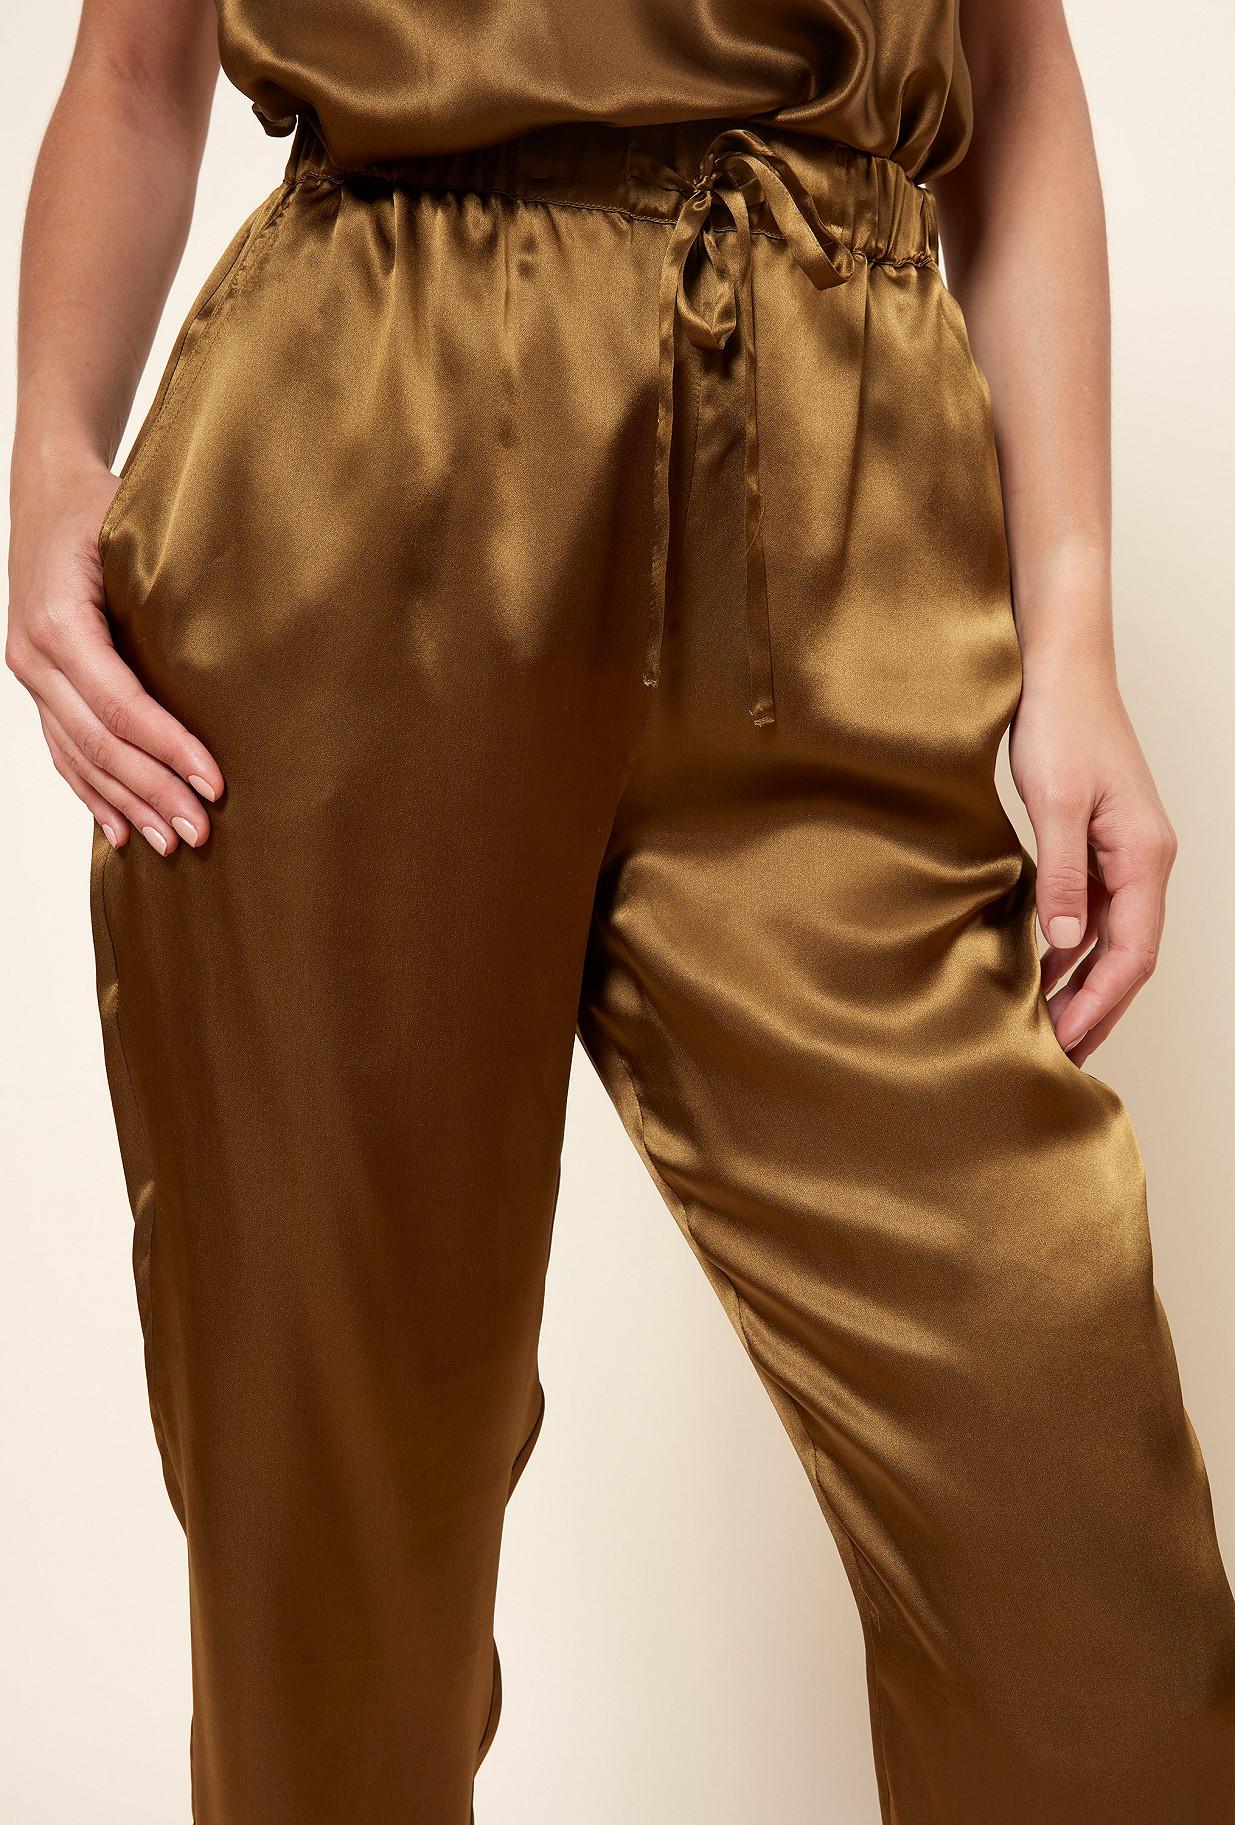 Khaki  PANT  Fester Mes demoiselles fashion clothes designer Paris